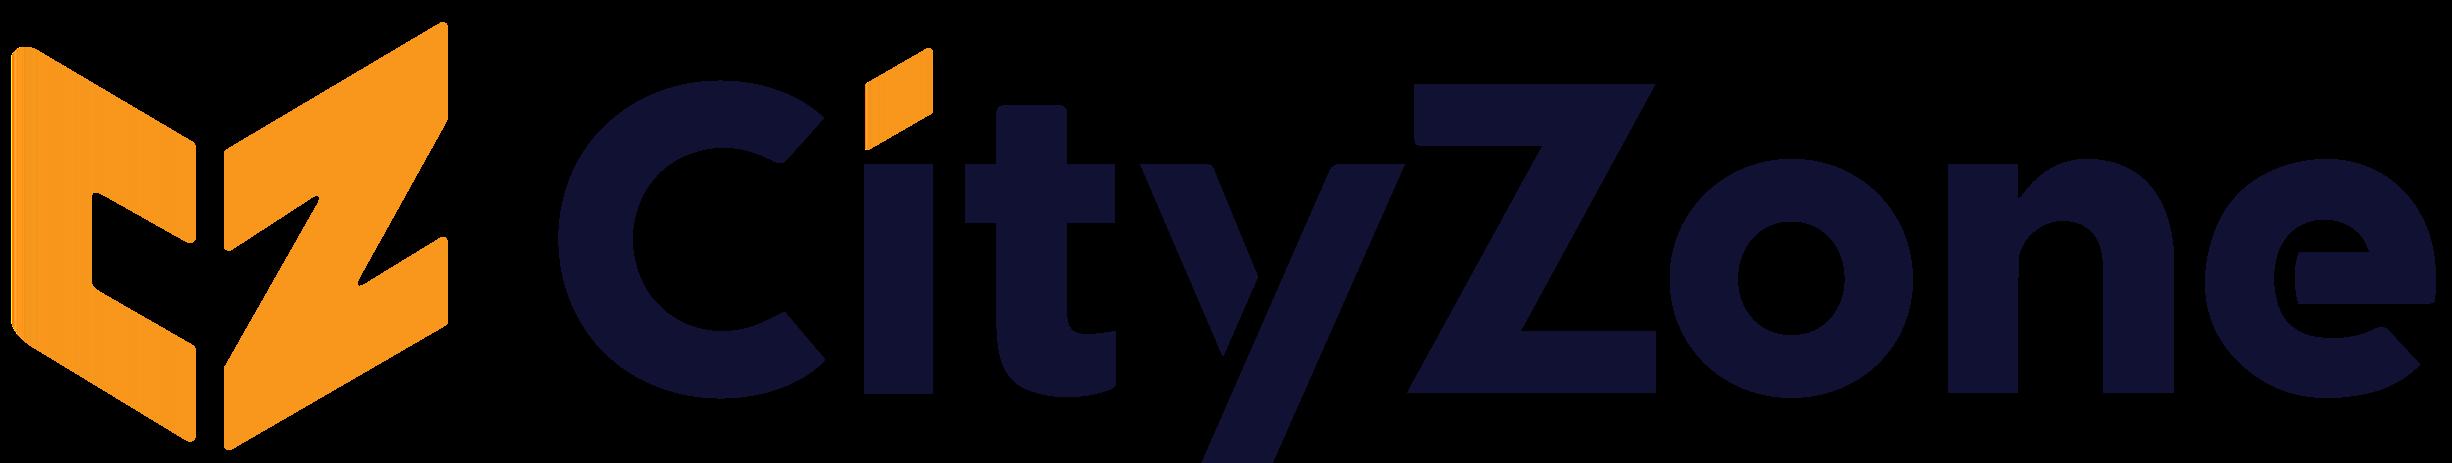 CityZone Logo_XXL.png